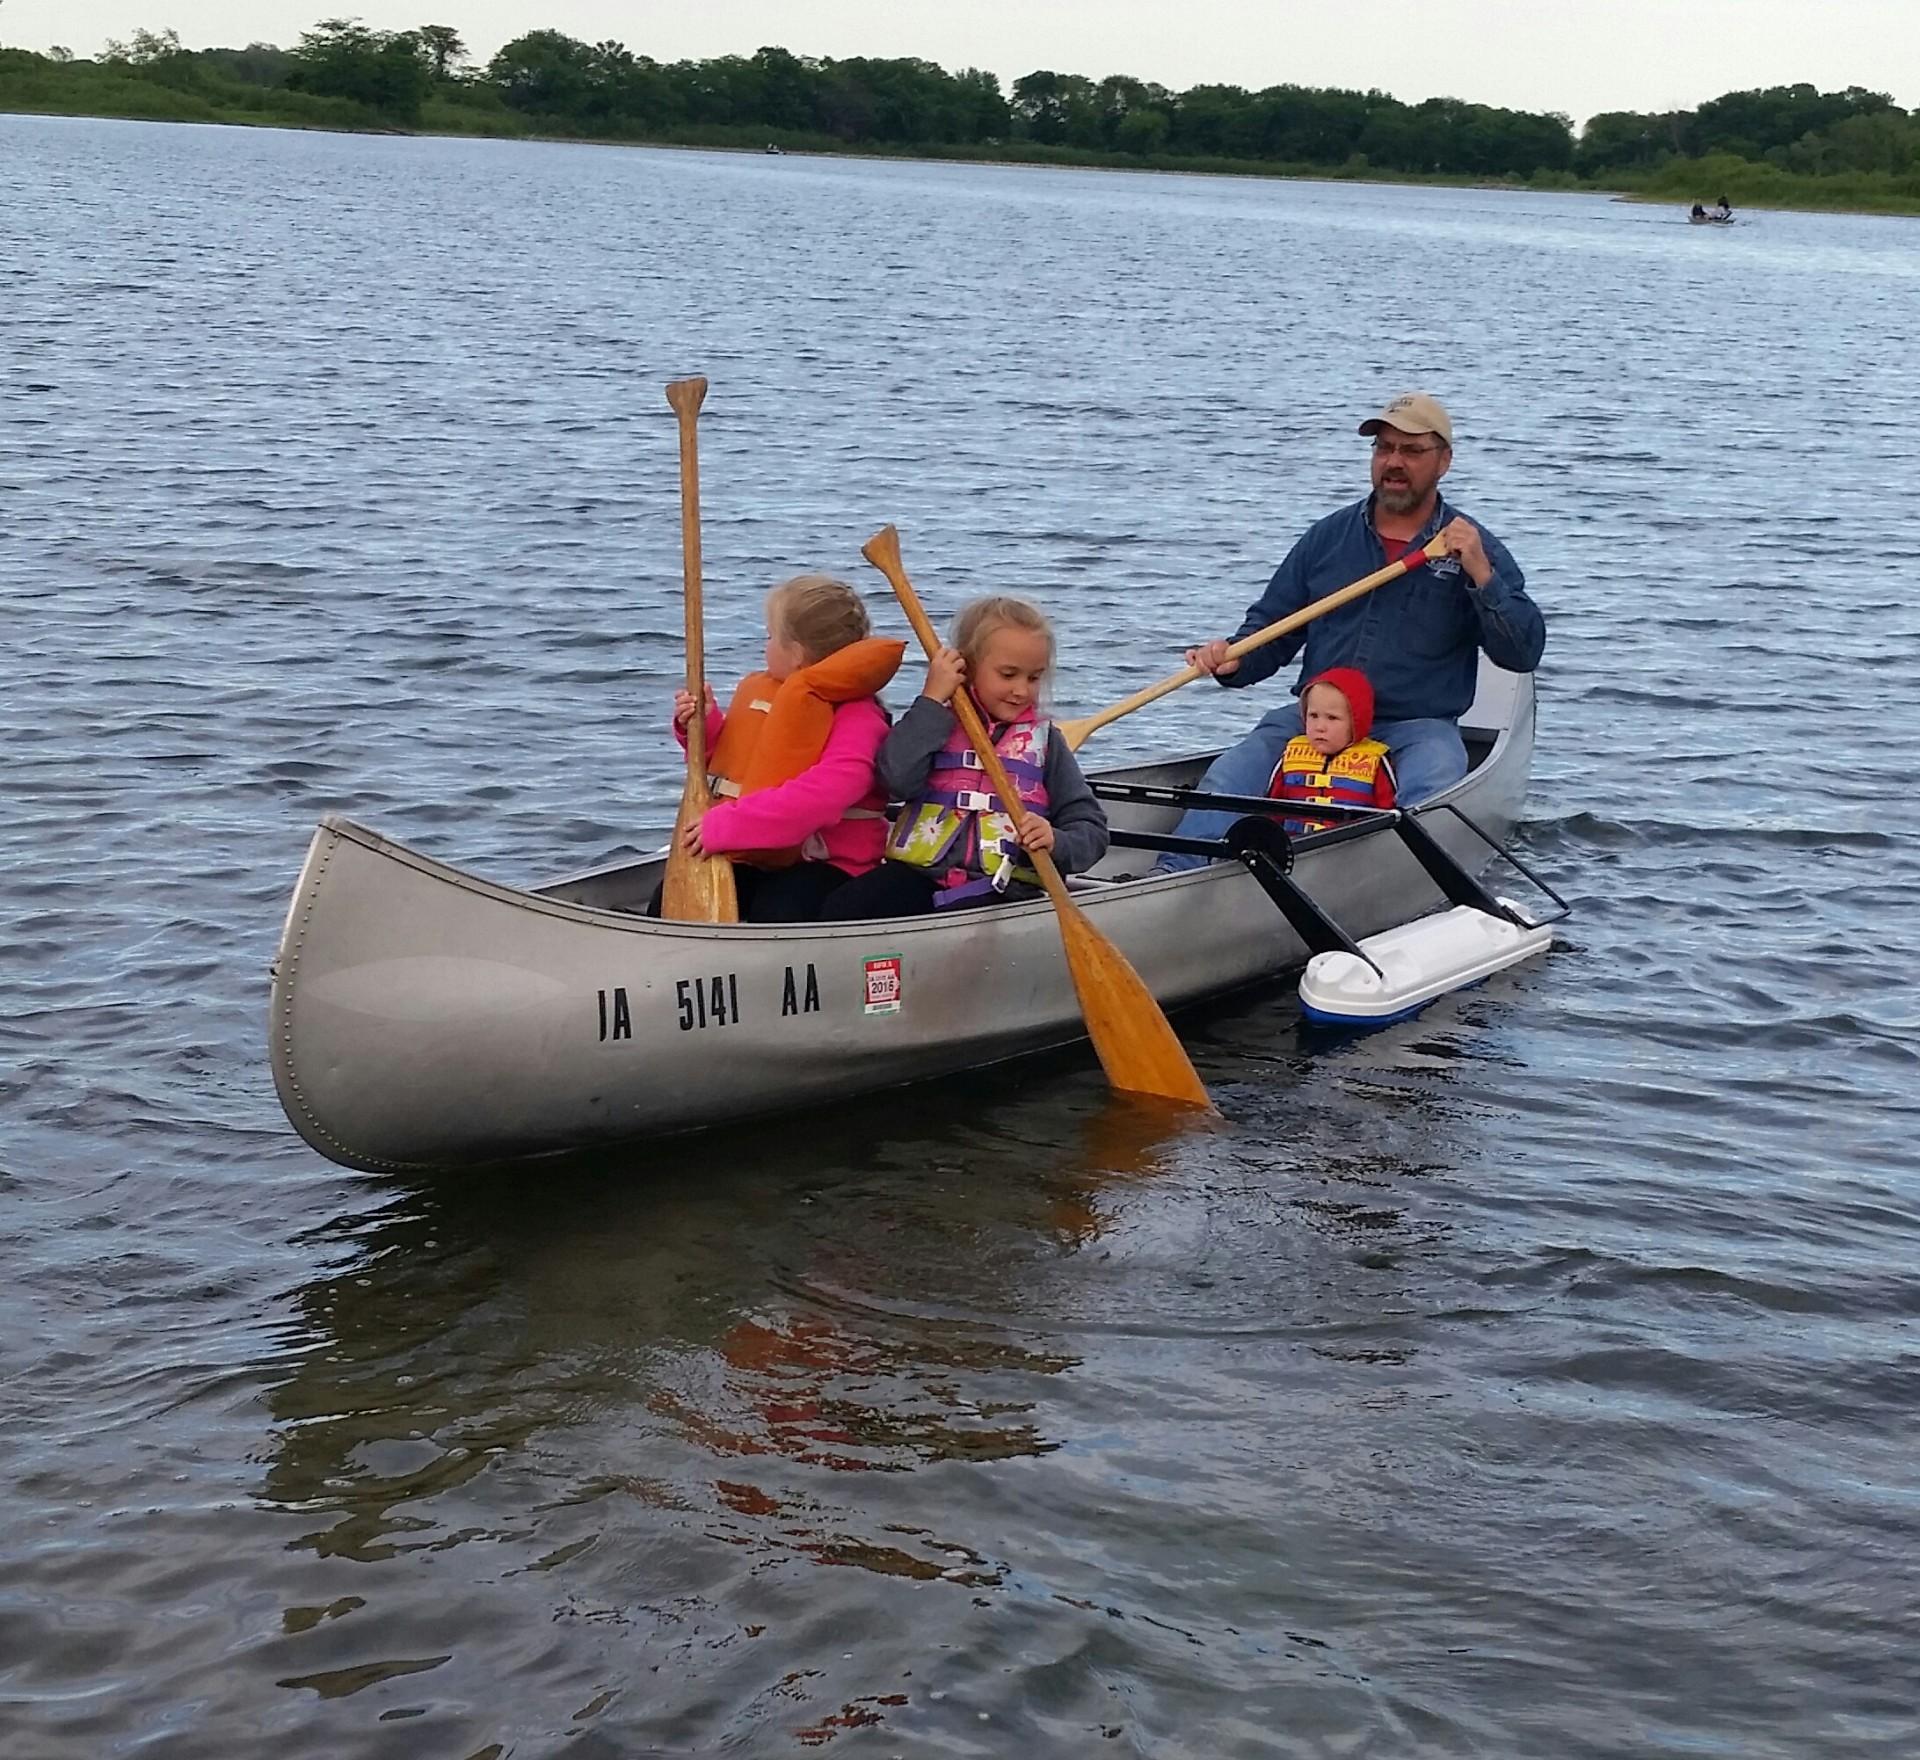 Best Kayak Stabilizers : Crane creek kayaks styrigger™ kayak canoe stabilizers